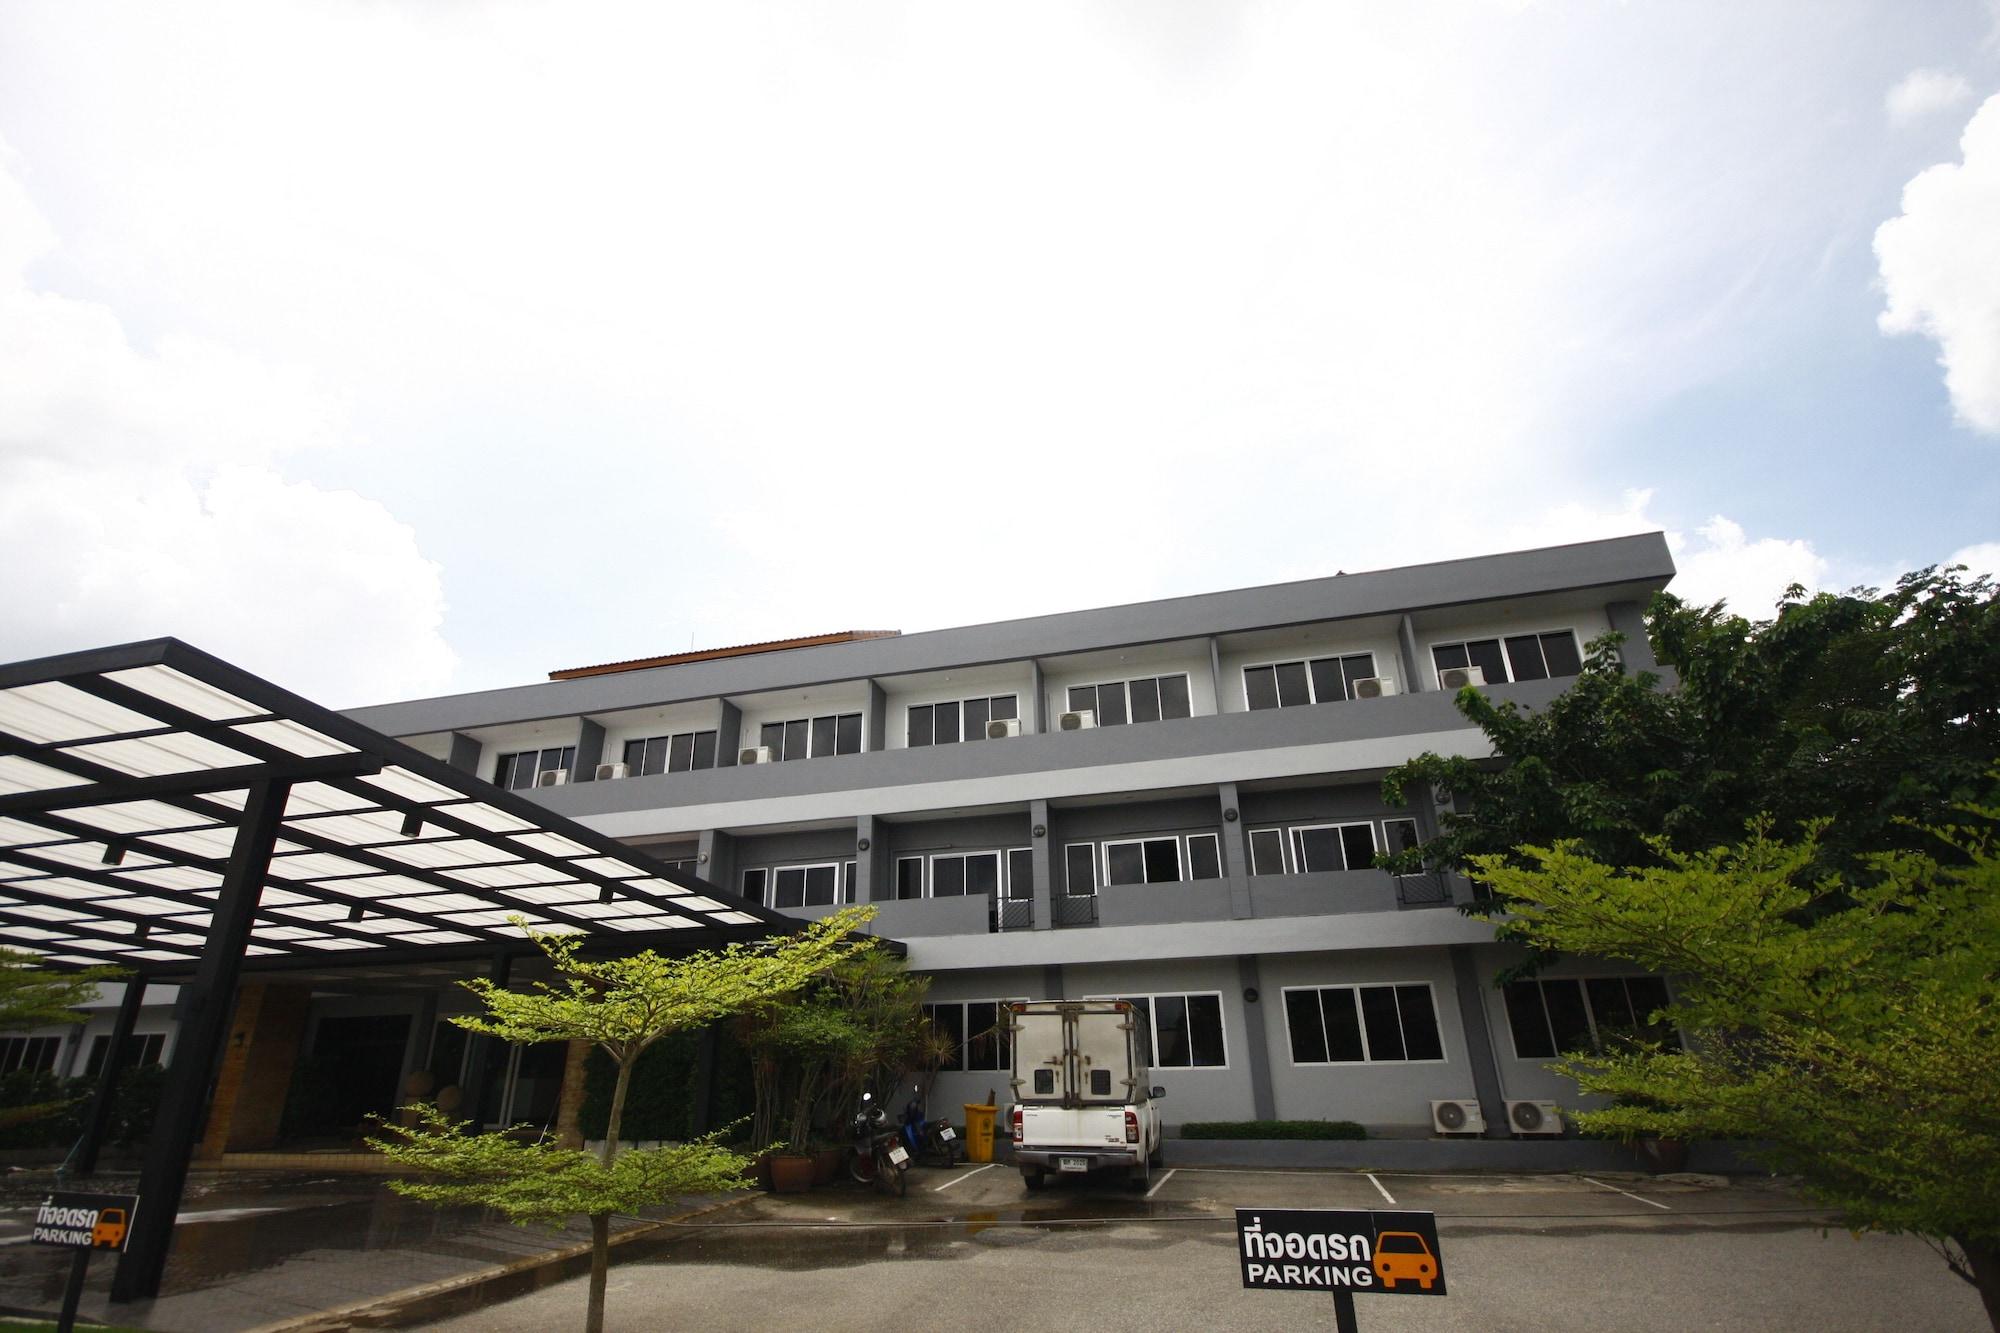 Pramsuk Hotel, Kabin Buri